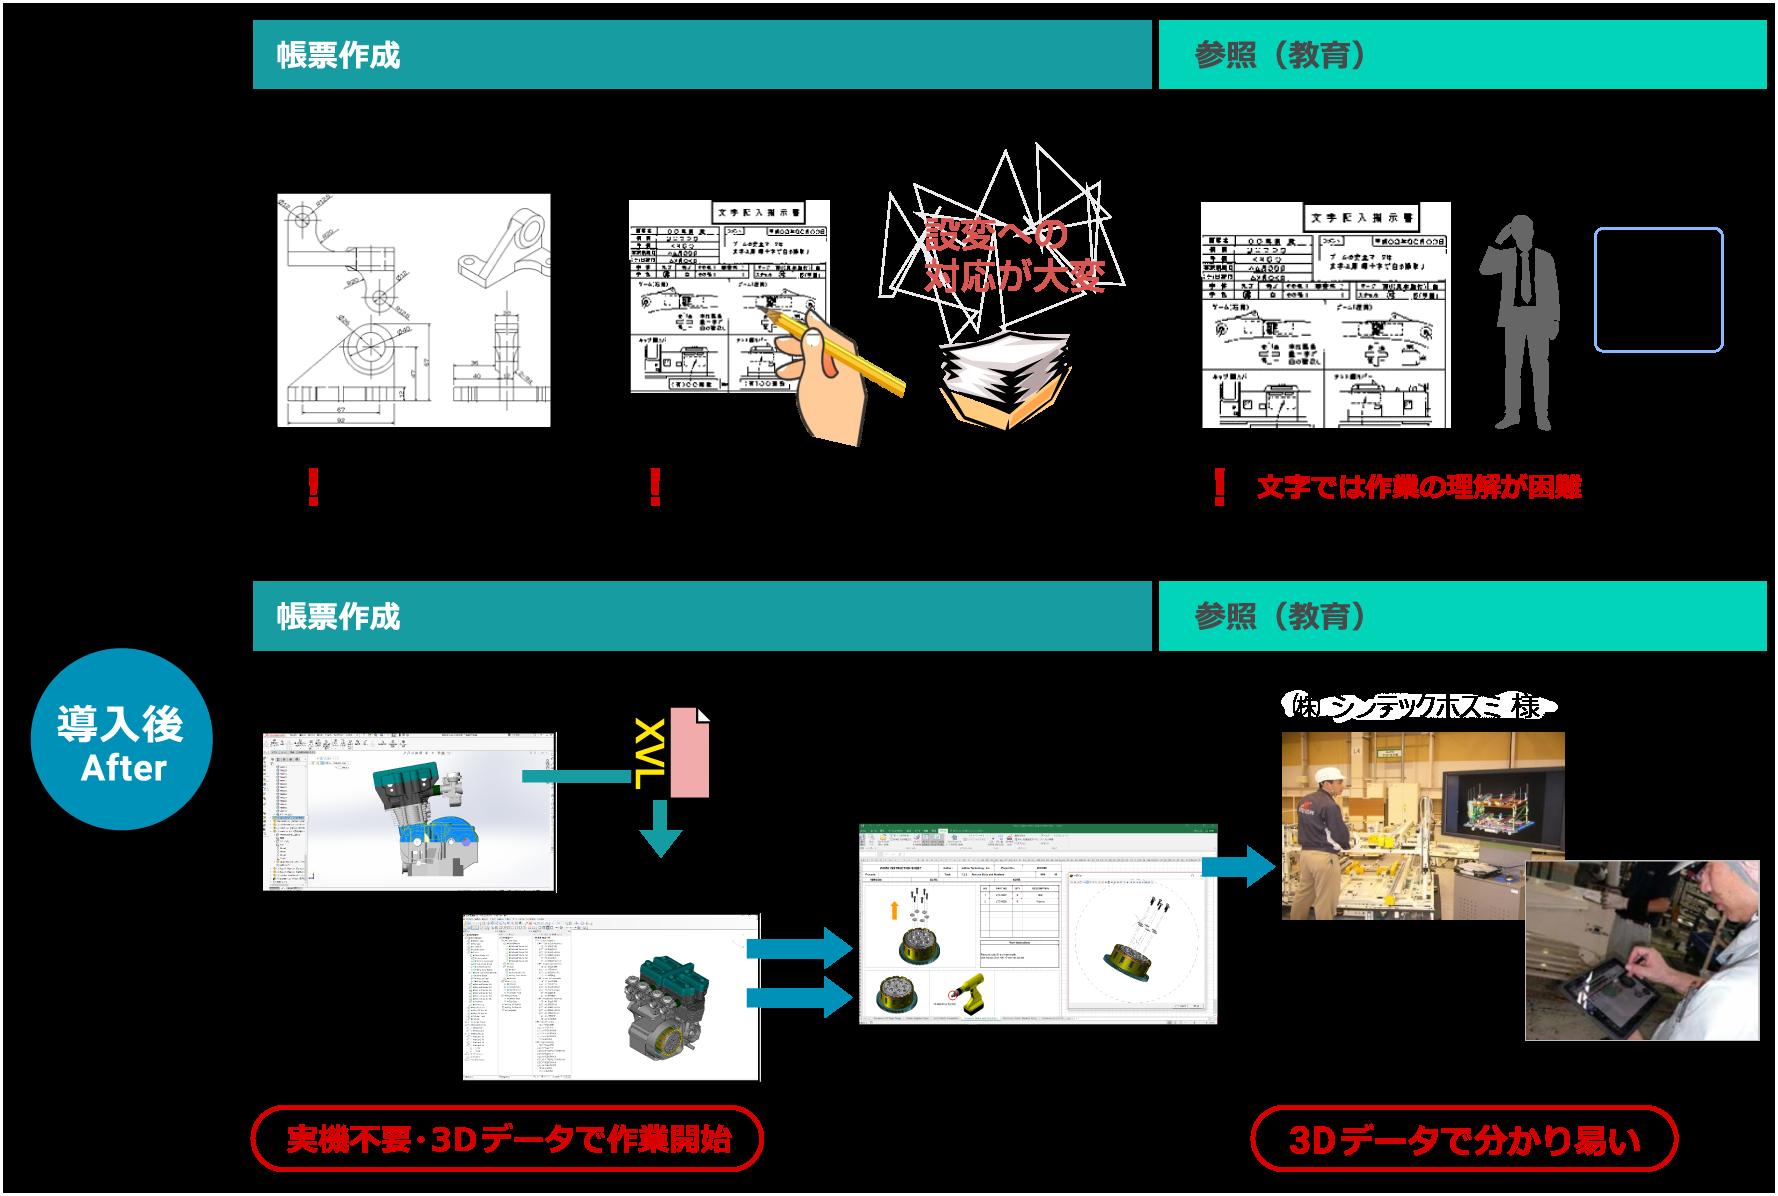 製造指示書作成 - XVLソリューション | 製品・ソリューション ...